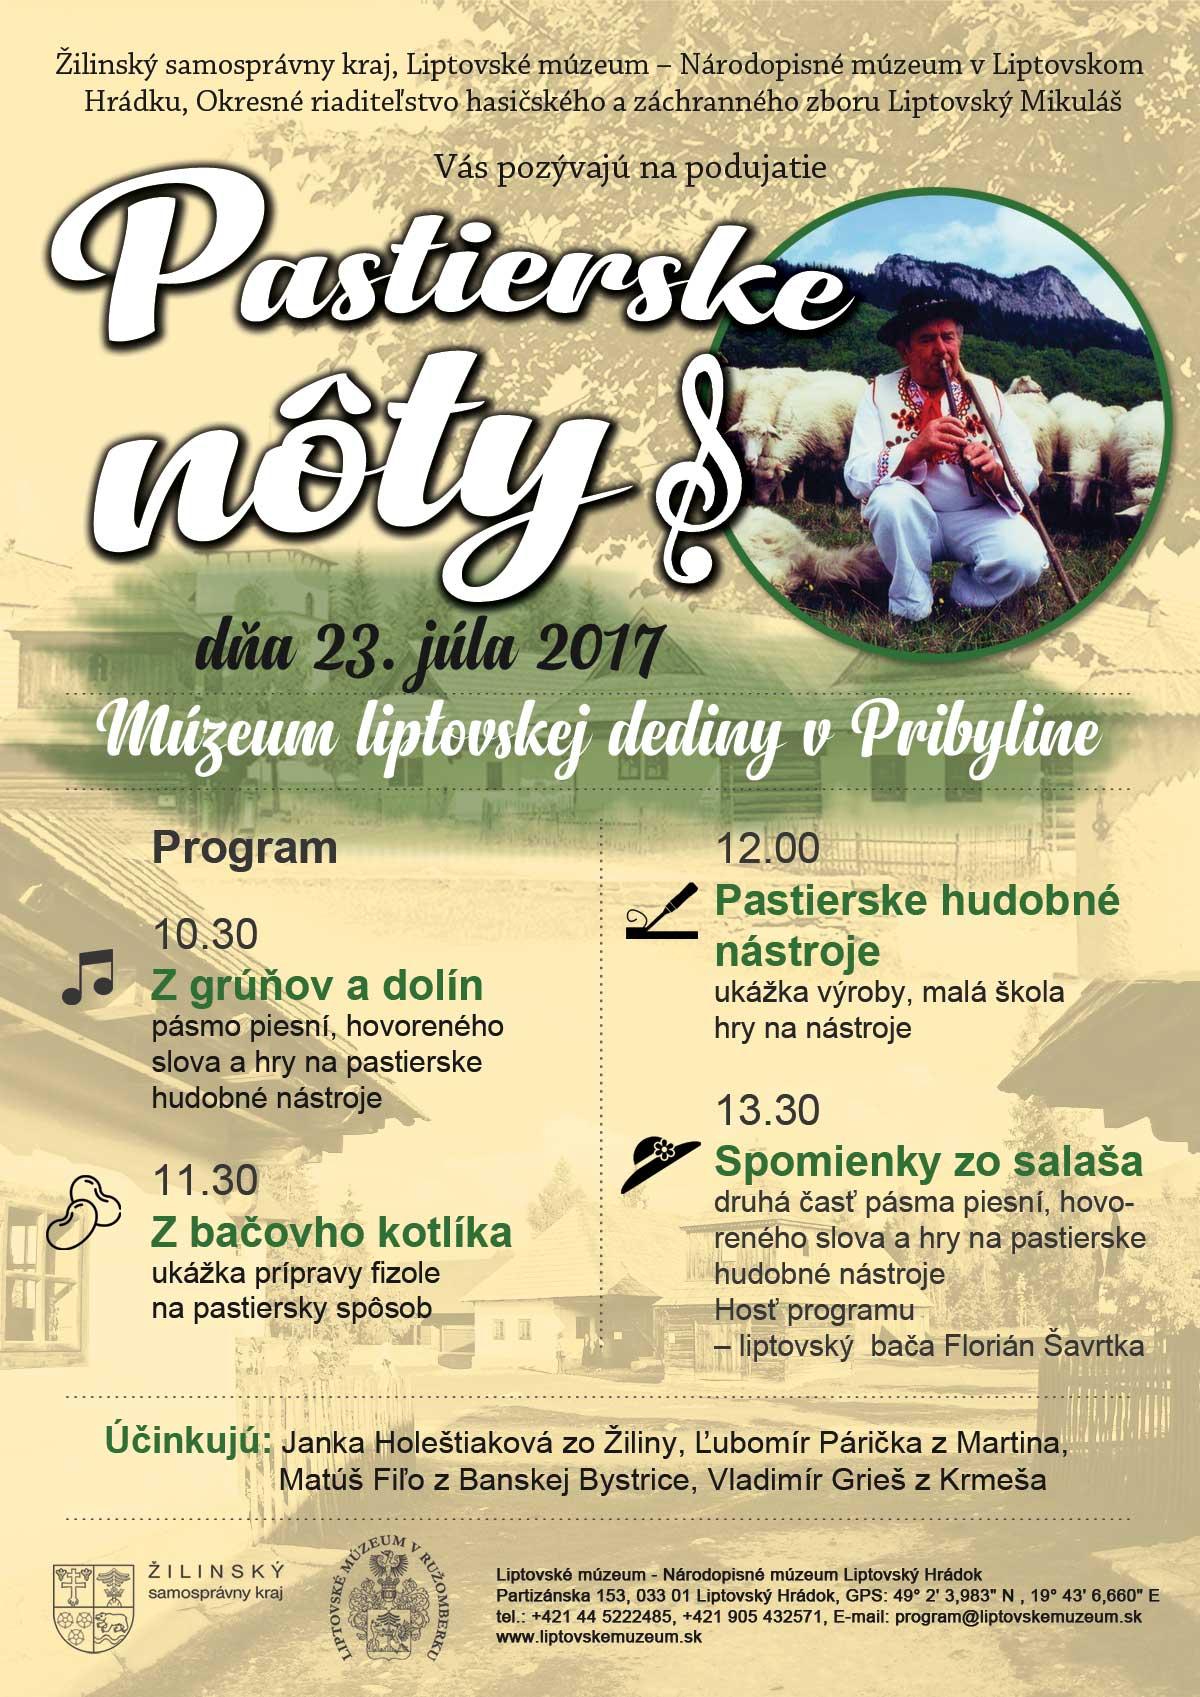 pastierskenotyweb2017